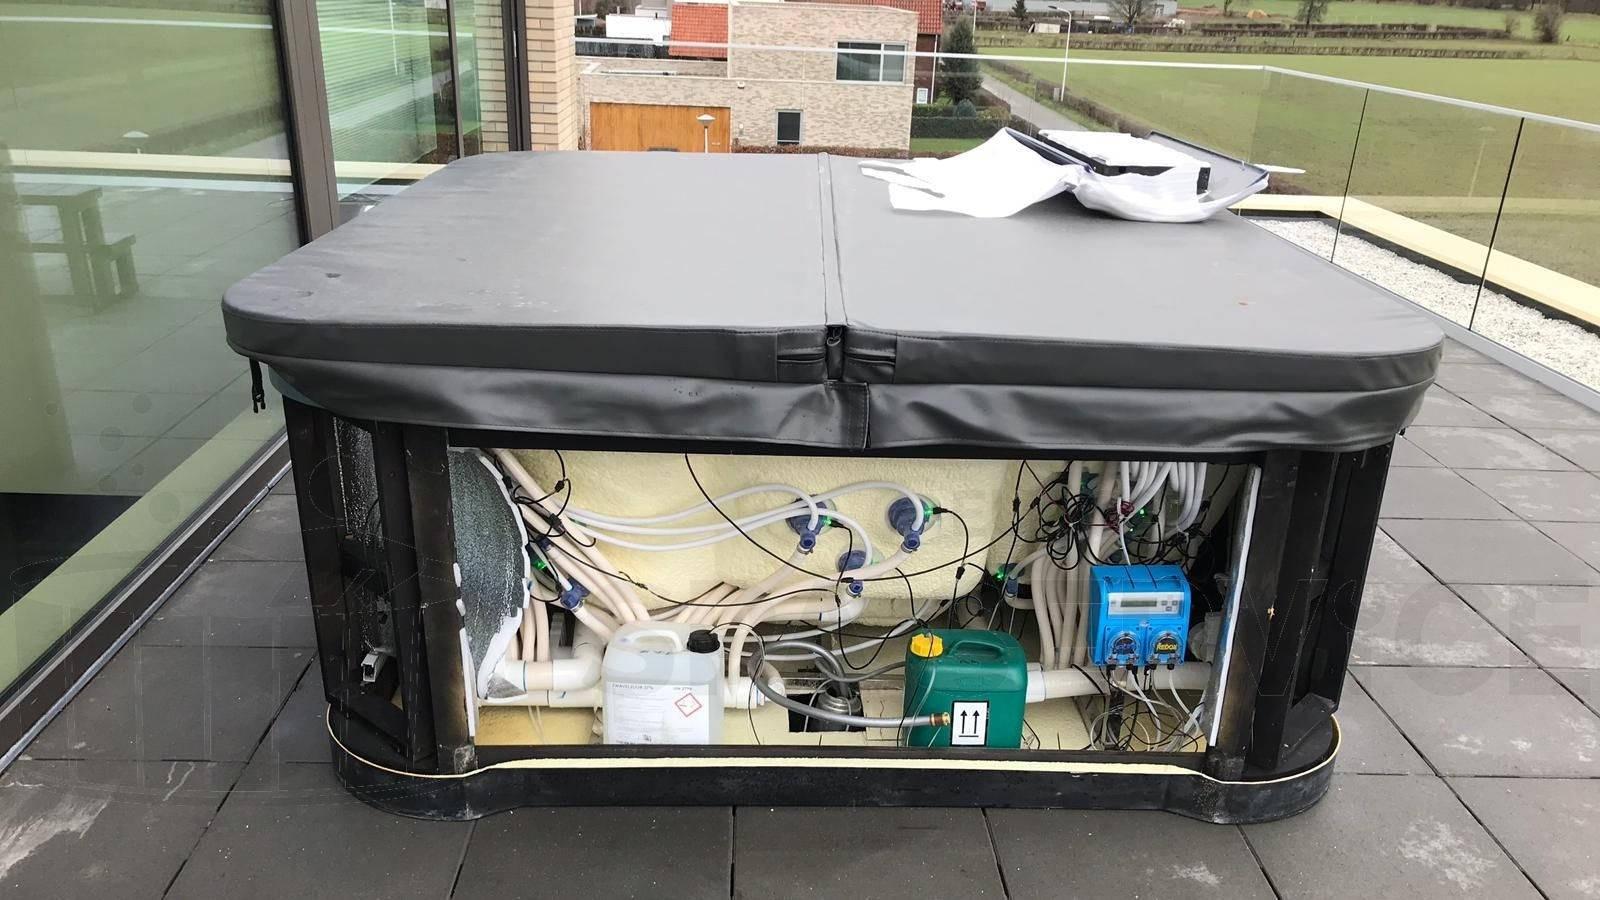 Waterbehandelingssysteem ingebouwd in een EOSPA IN-594 premium spa in Maastricht